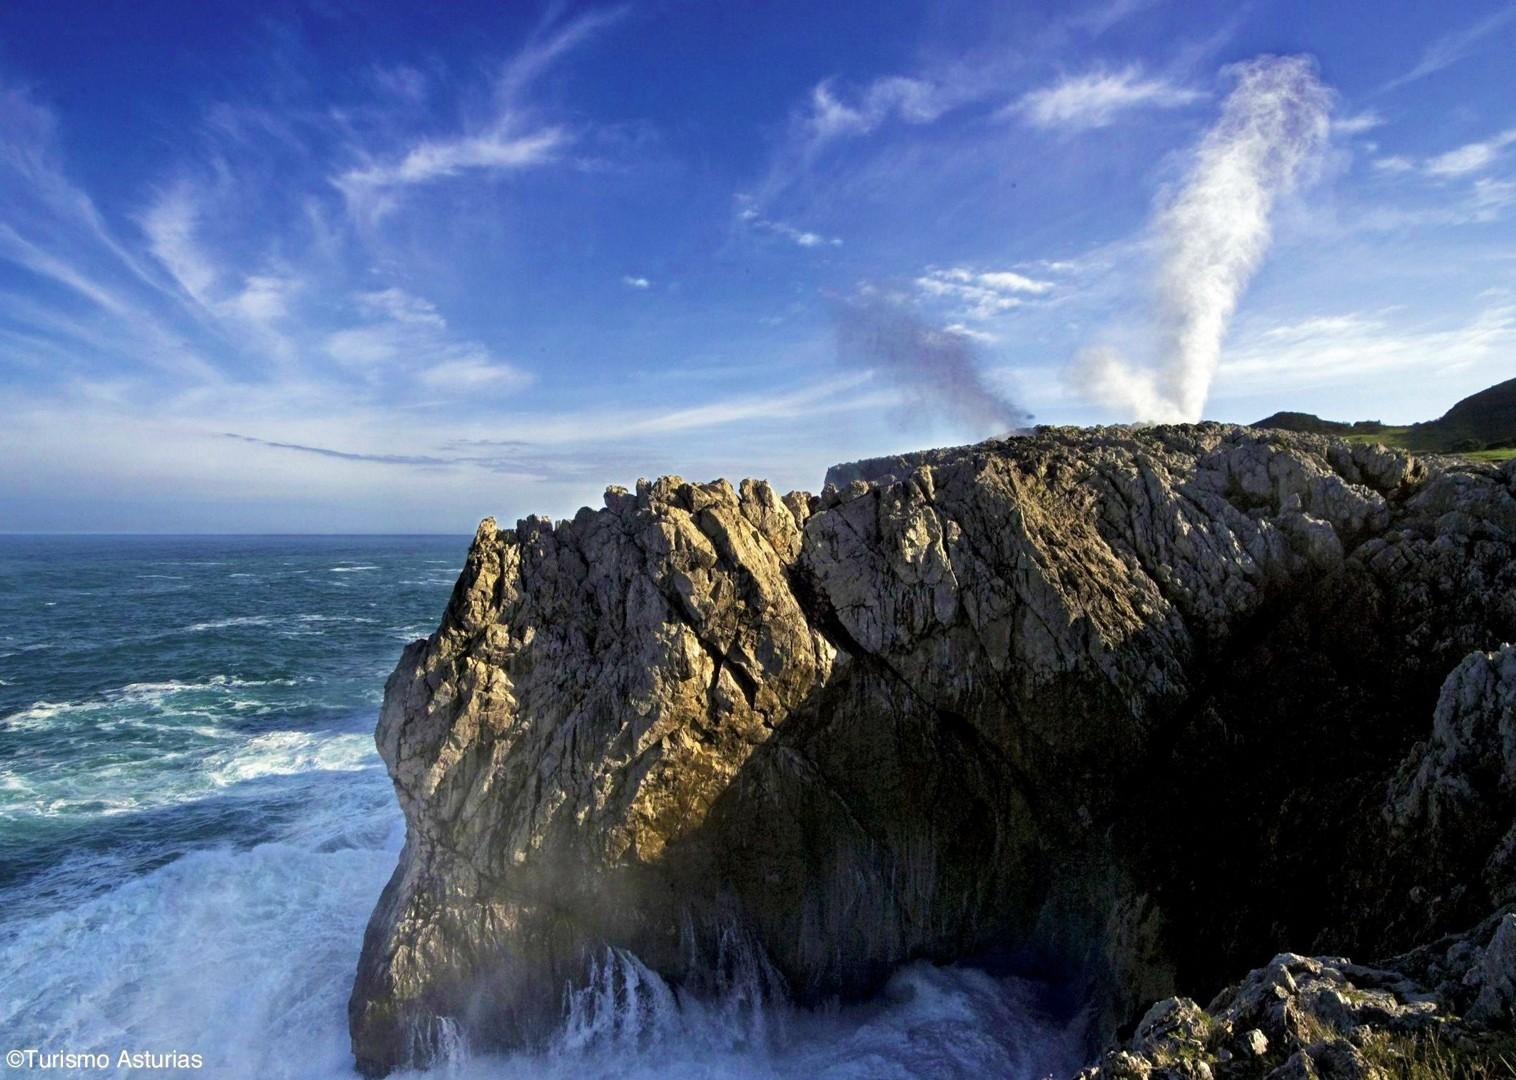 _Holiday.616.17853.jpg - Spain - Asturian Coastal Ride - Family Cycling